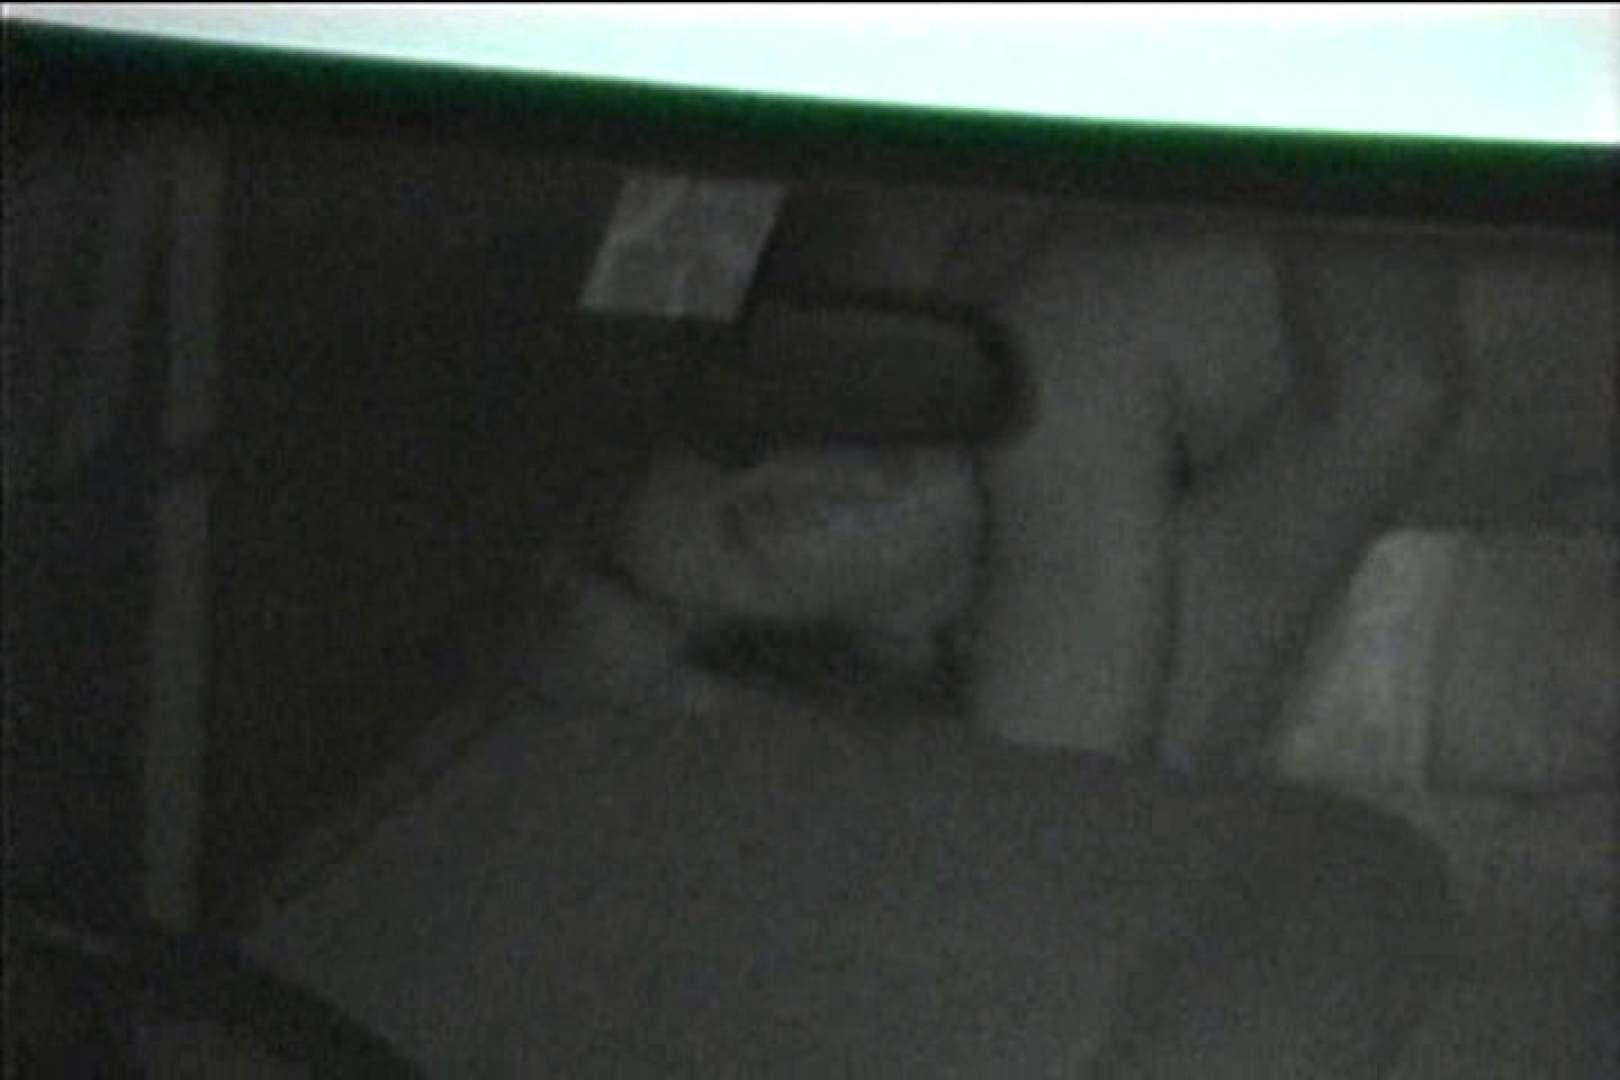 車の中はラブホテル 無修正版  Vol.7 OLの実態 隠し撮りオマンコ動画紹介 41pic 26